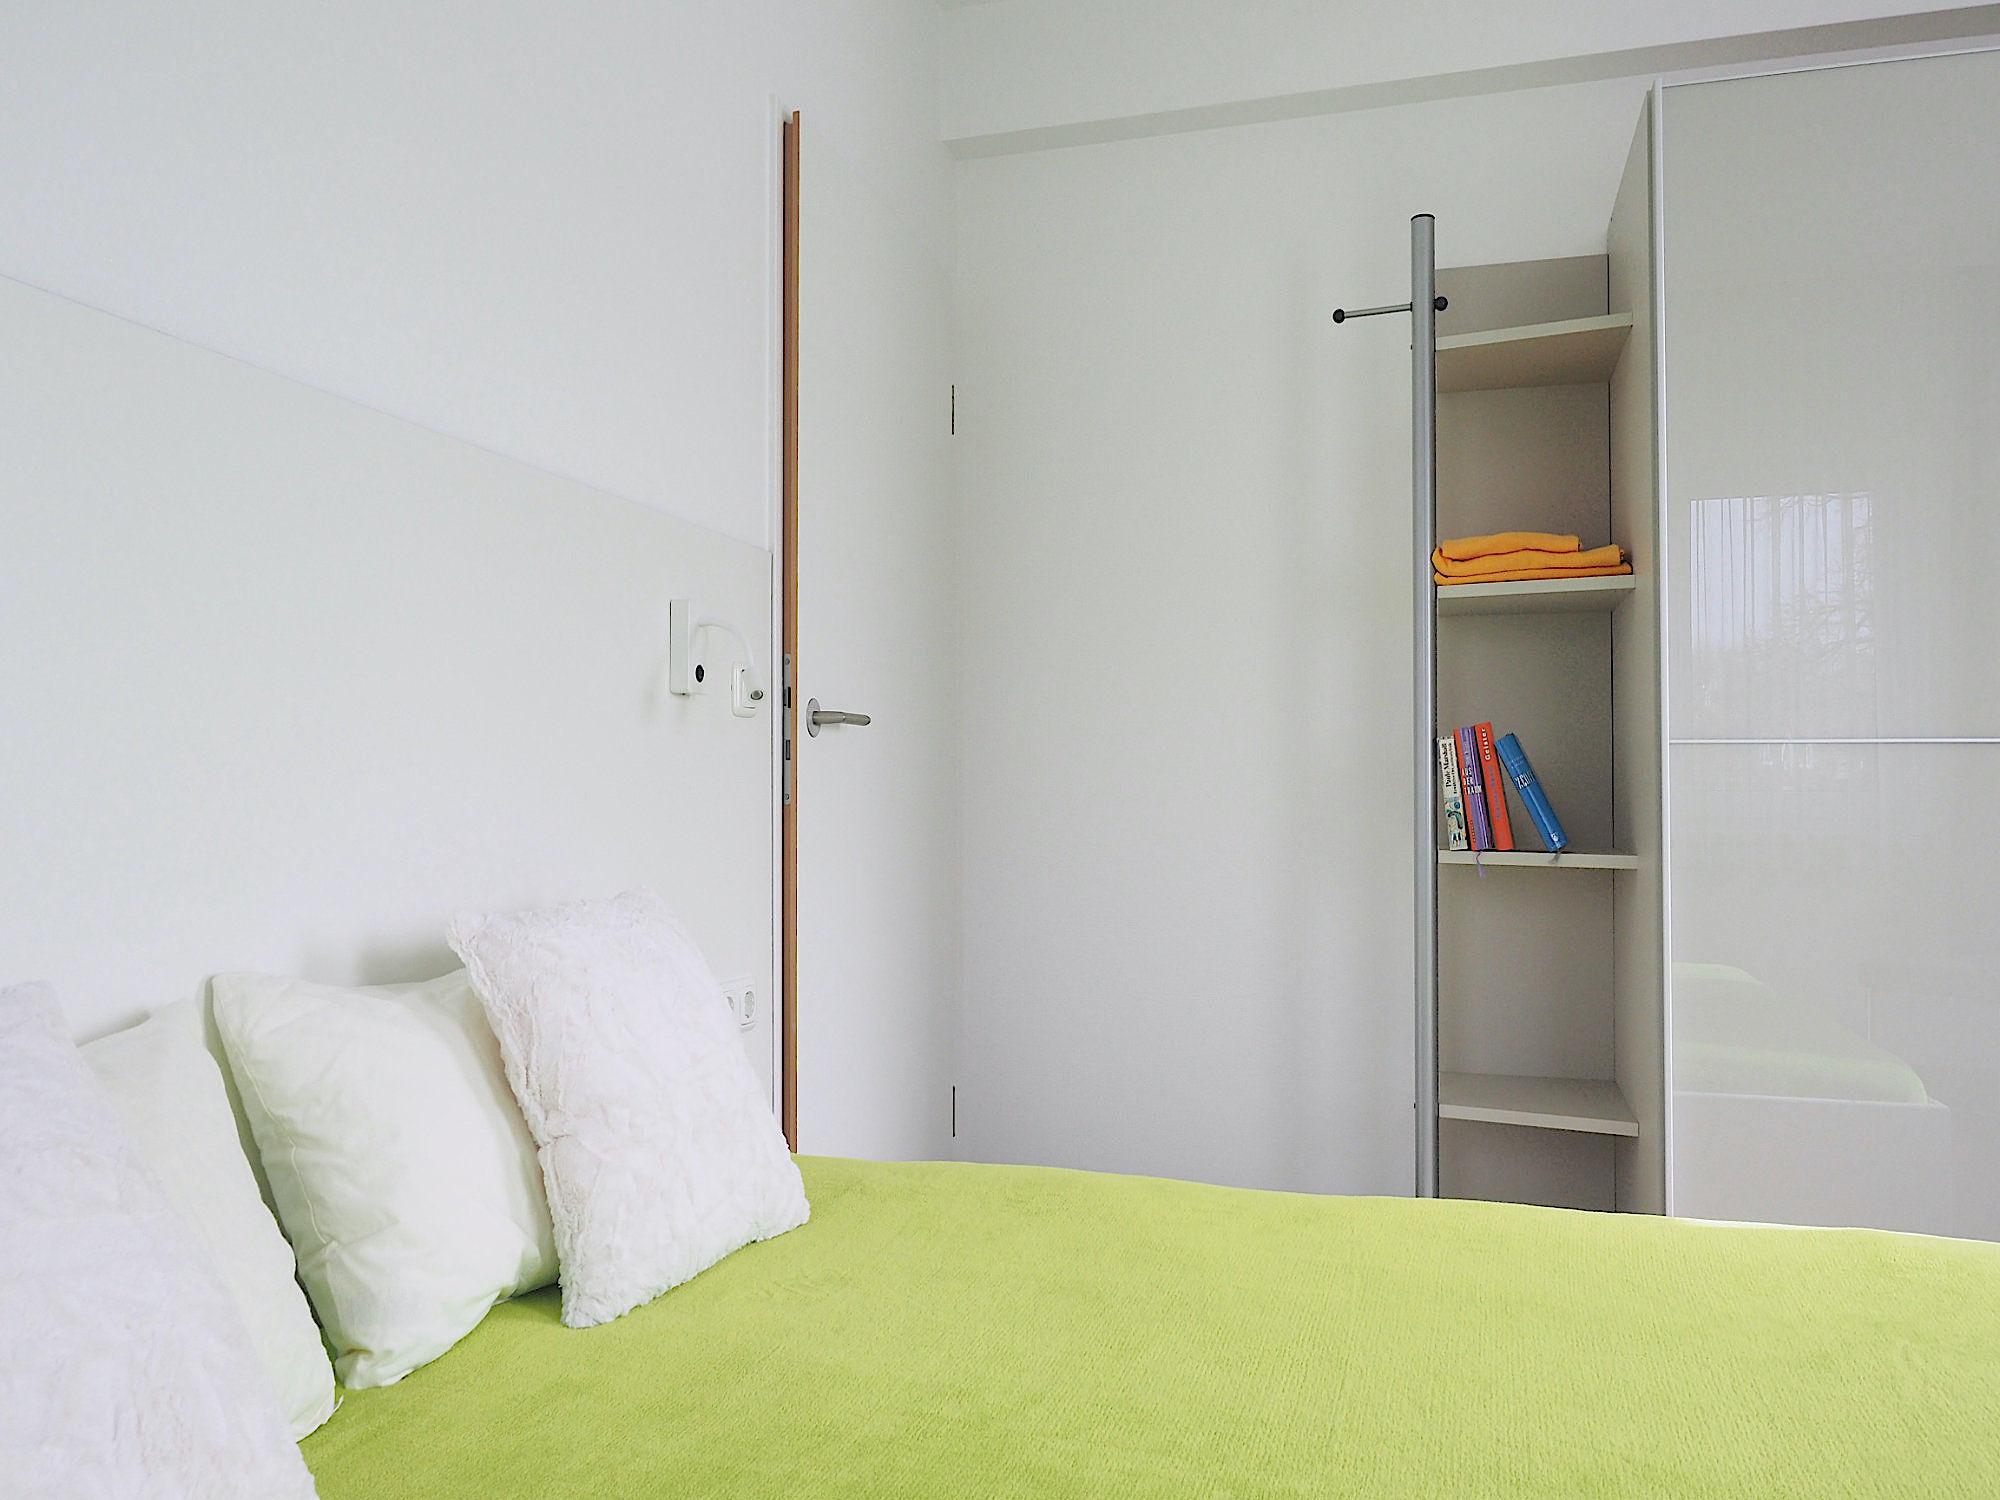 Schlafzimmer mit Doppelbett, im Hintergrund ein großer Kleiderschrank mit Regalteil